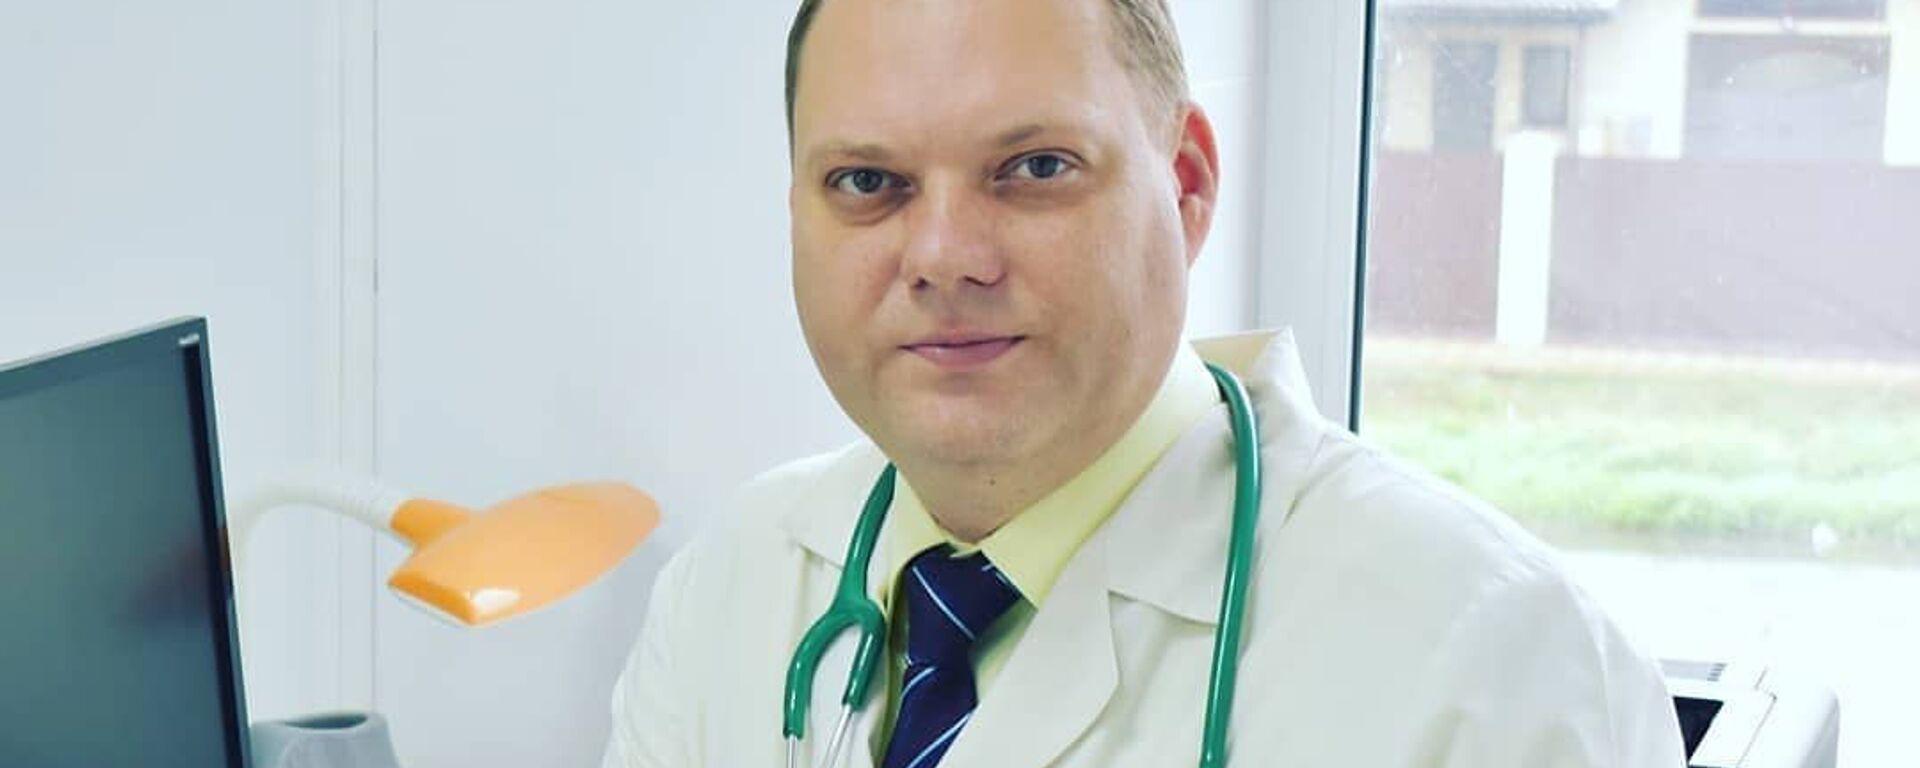 Евгений Тимаков, Врач-педиатр, инфекционист и вакцинолог, главный врач медцентра «Лидер-Медицина» - Sputnik Таджикистан, 1920, 24.06.2021